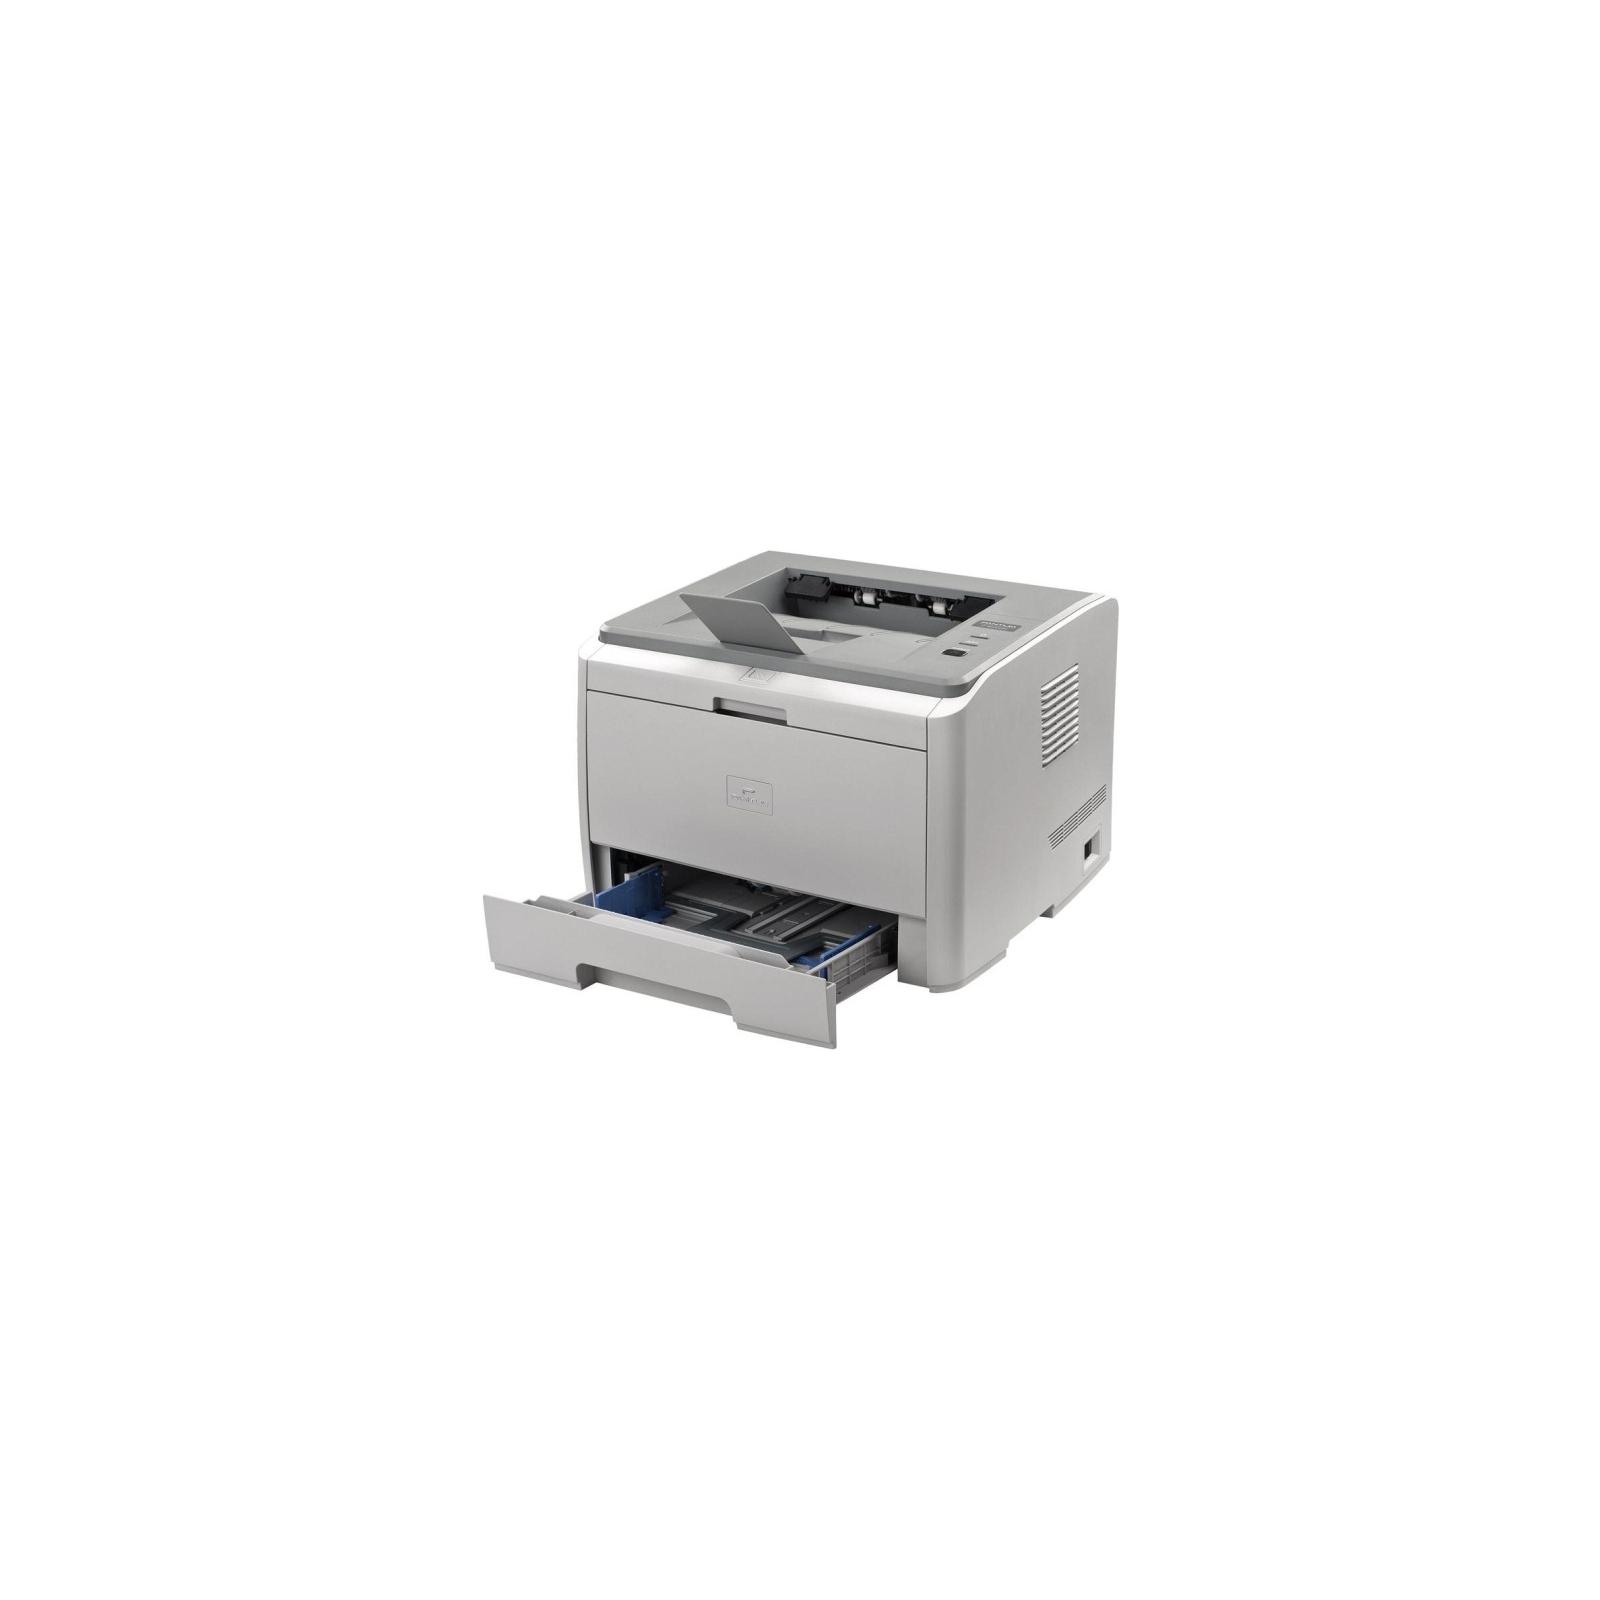 Лазерный принтер Pantum P3100DN (BA9A-1906-AS0) изображение 3